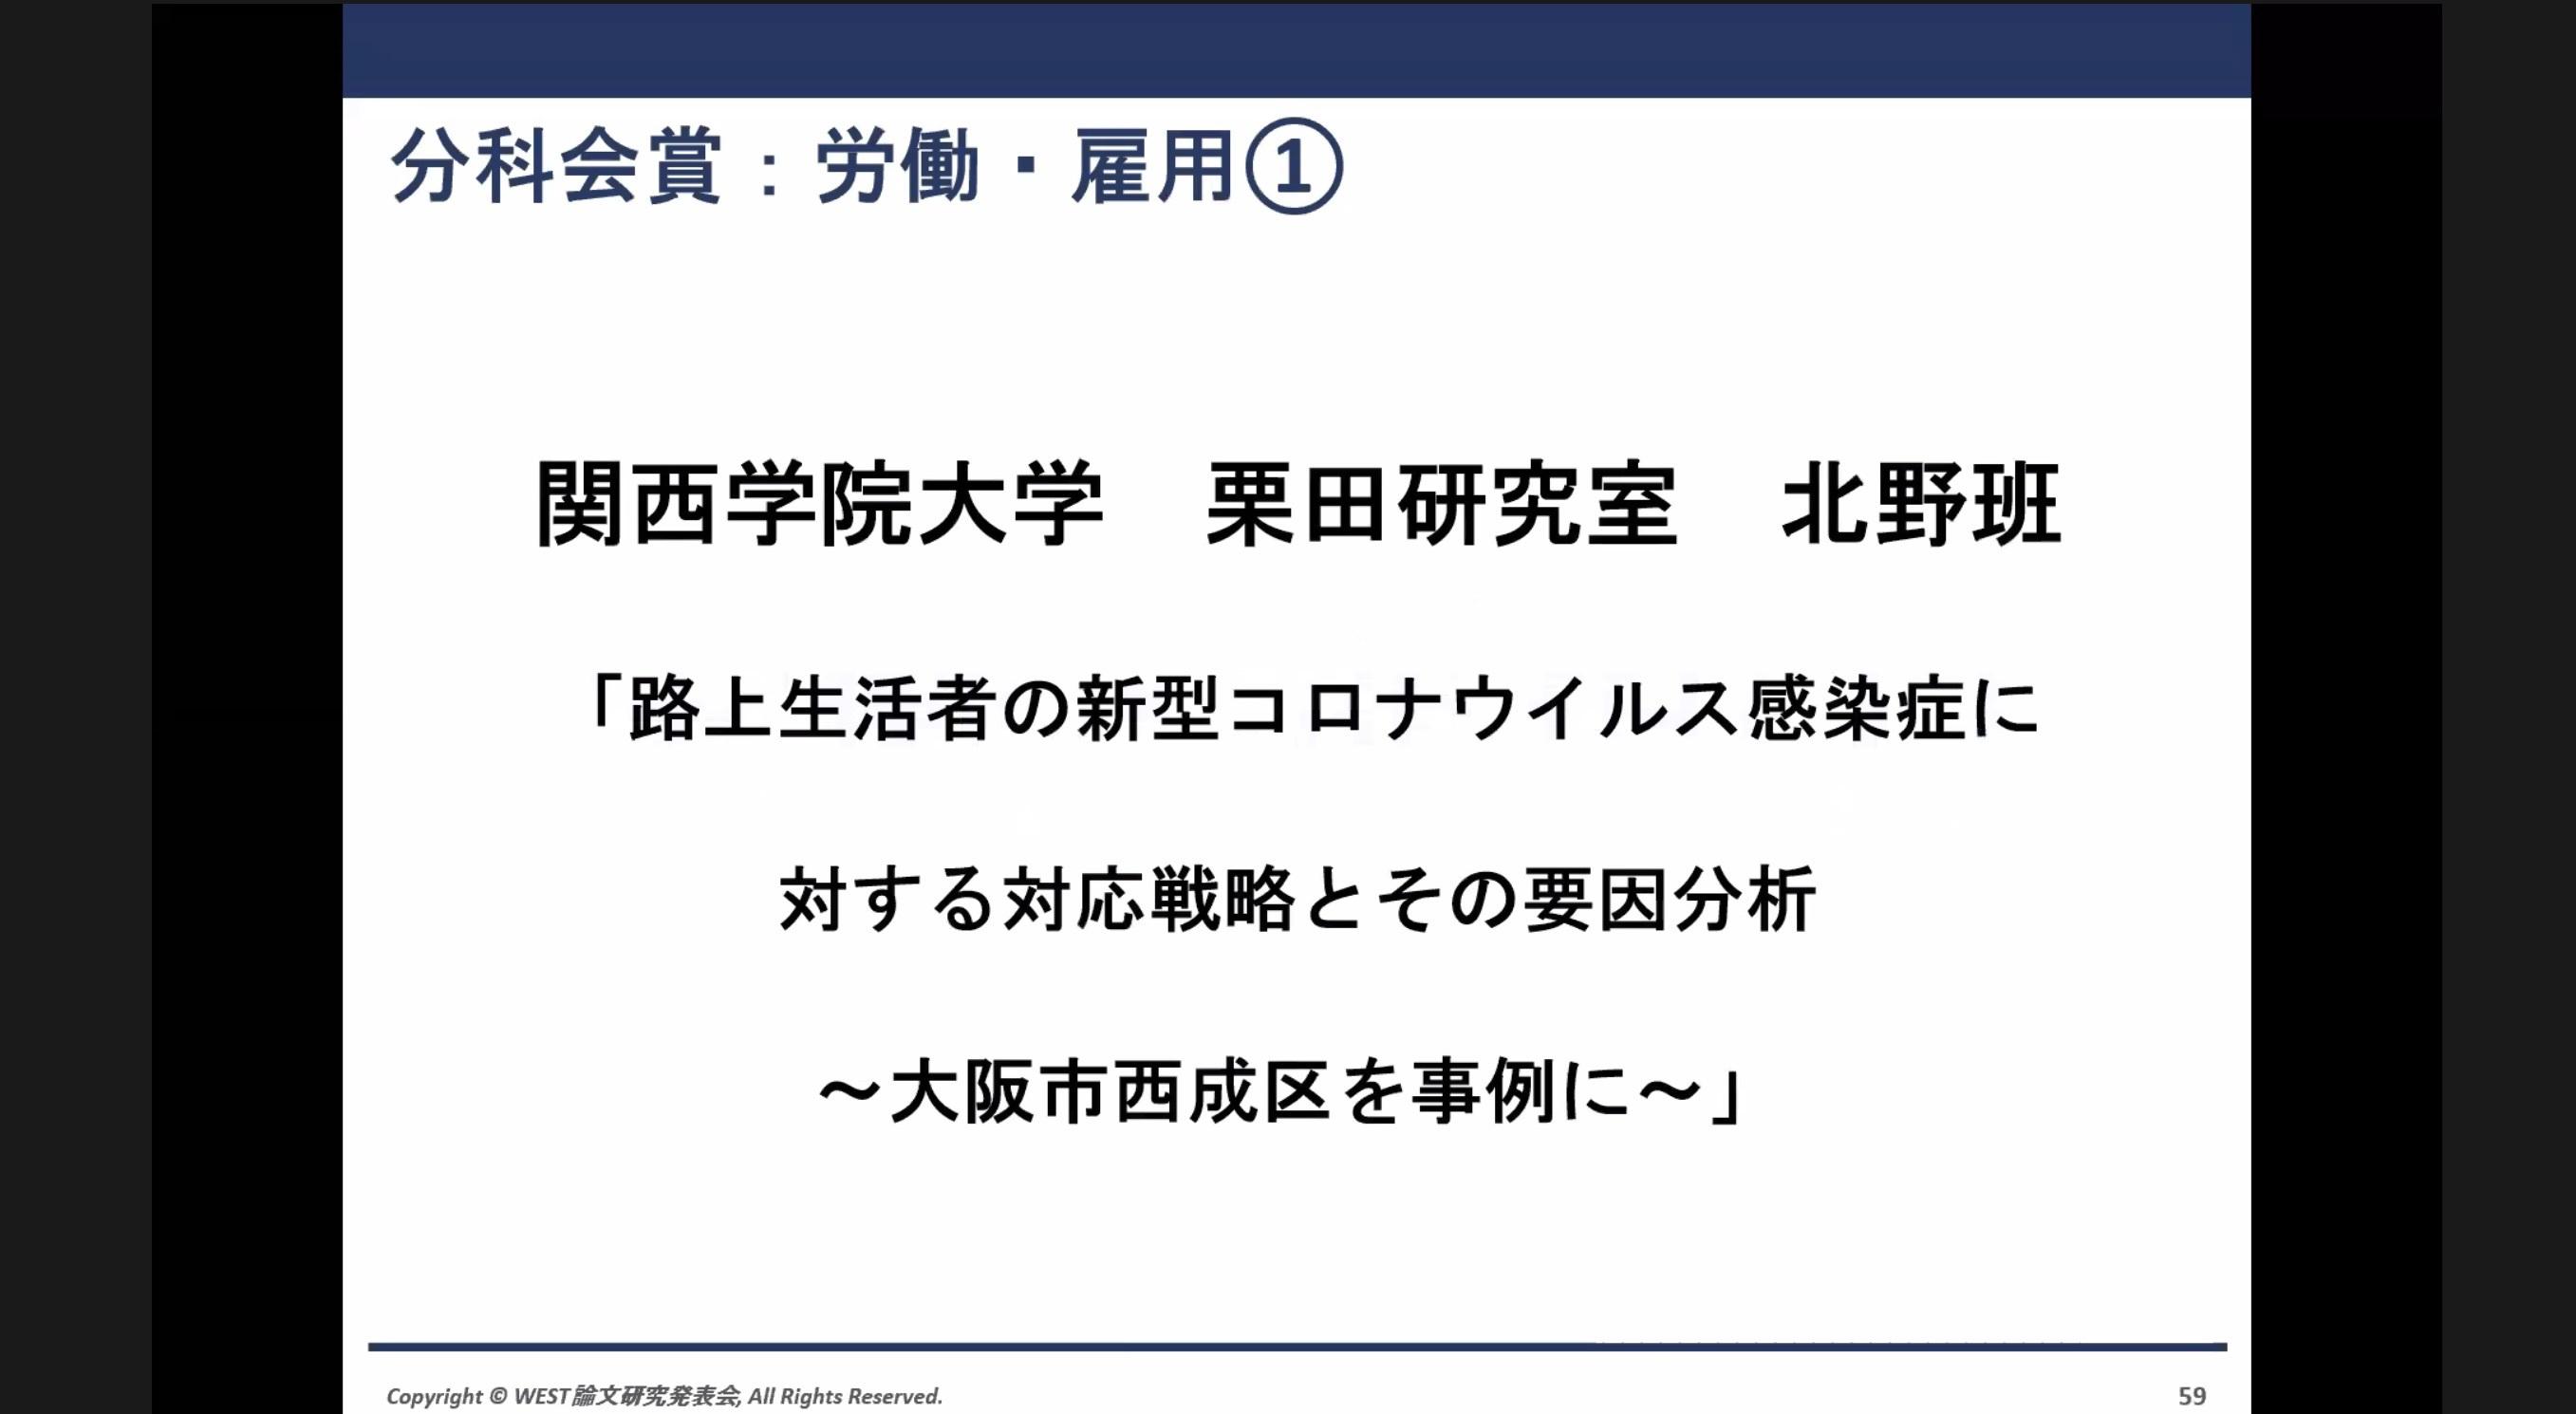 合格 関西 学院 発表 大学